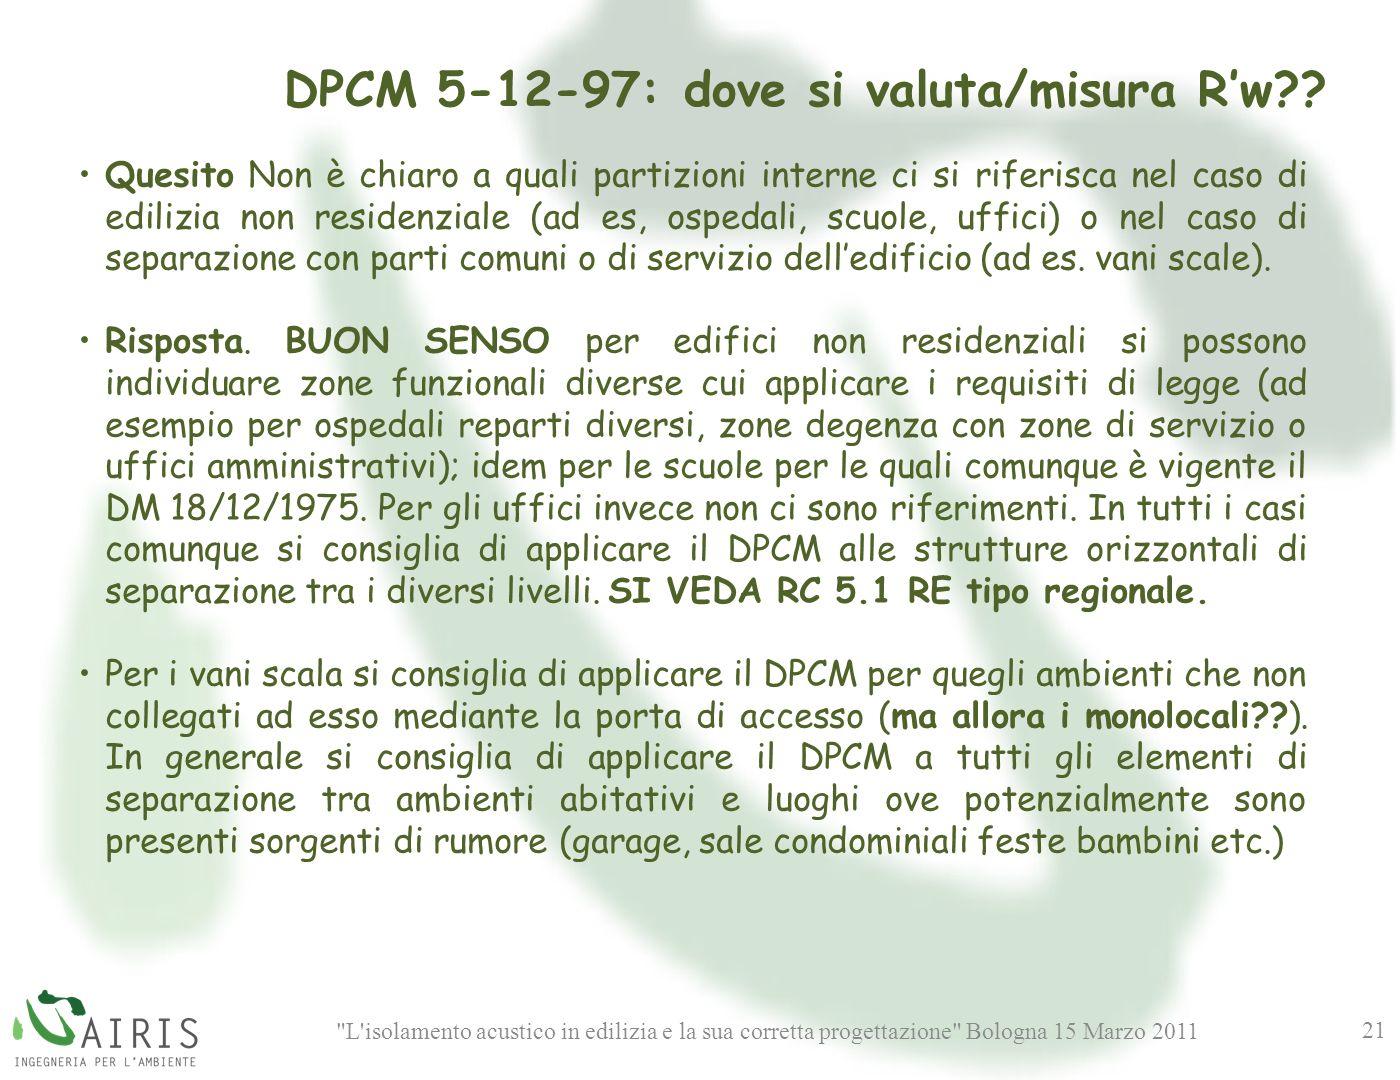 L isolamento acustico in edilizia e la sua corretta progettazione Bologna 15 Marzo 2011 21 DPCM 5-12-97: dove si valuta/misura Rw?.